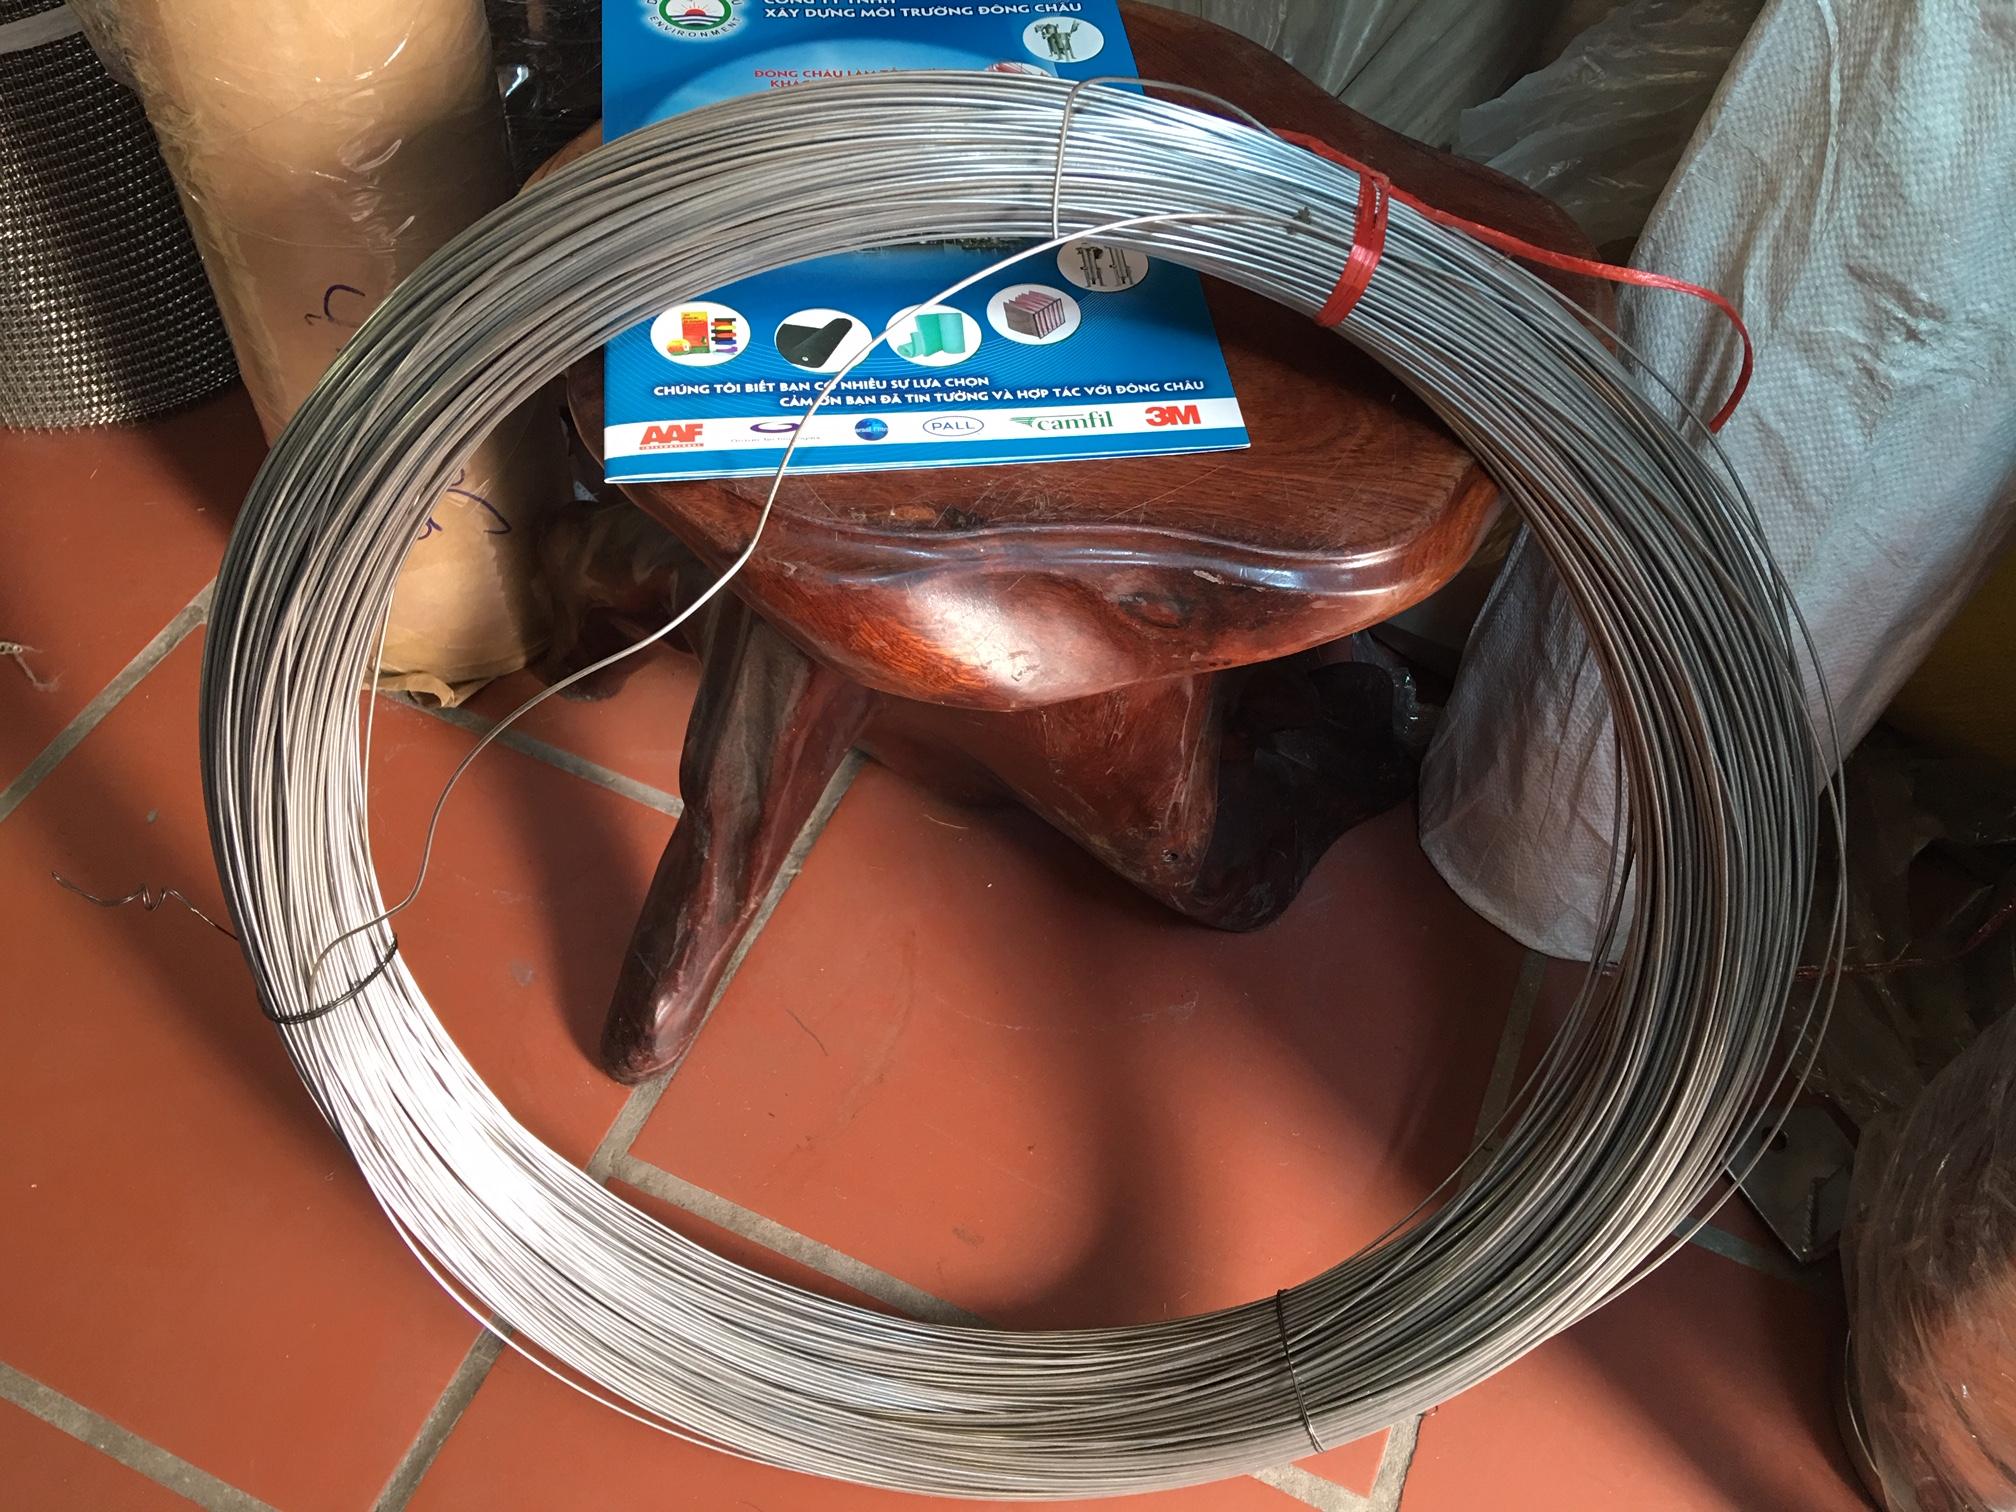 cuộn sợi inox 316 chất lượng cao đông châu